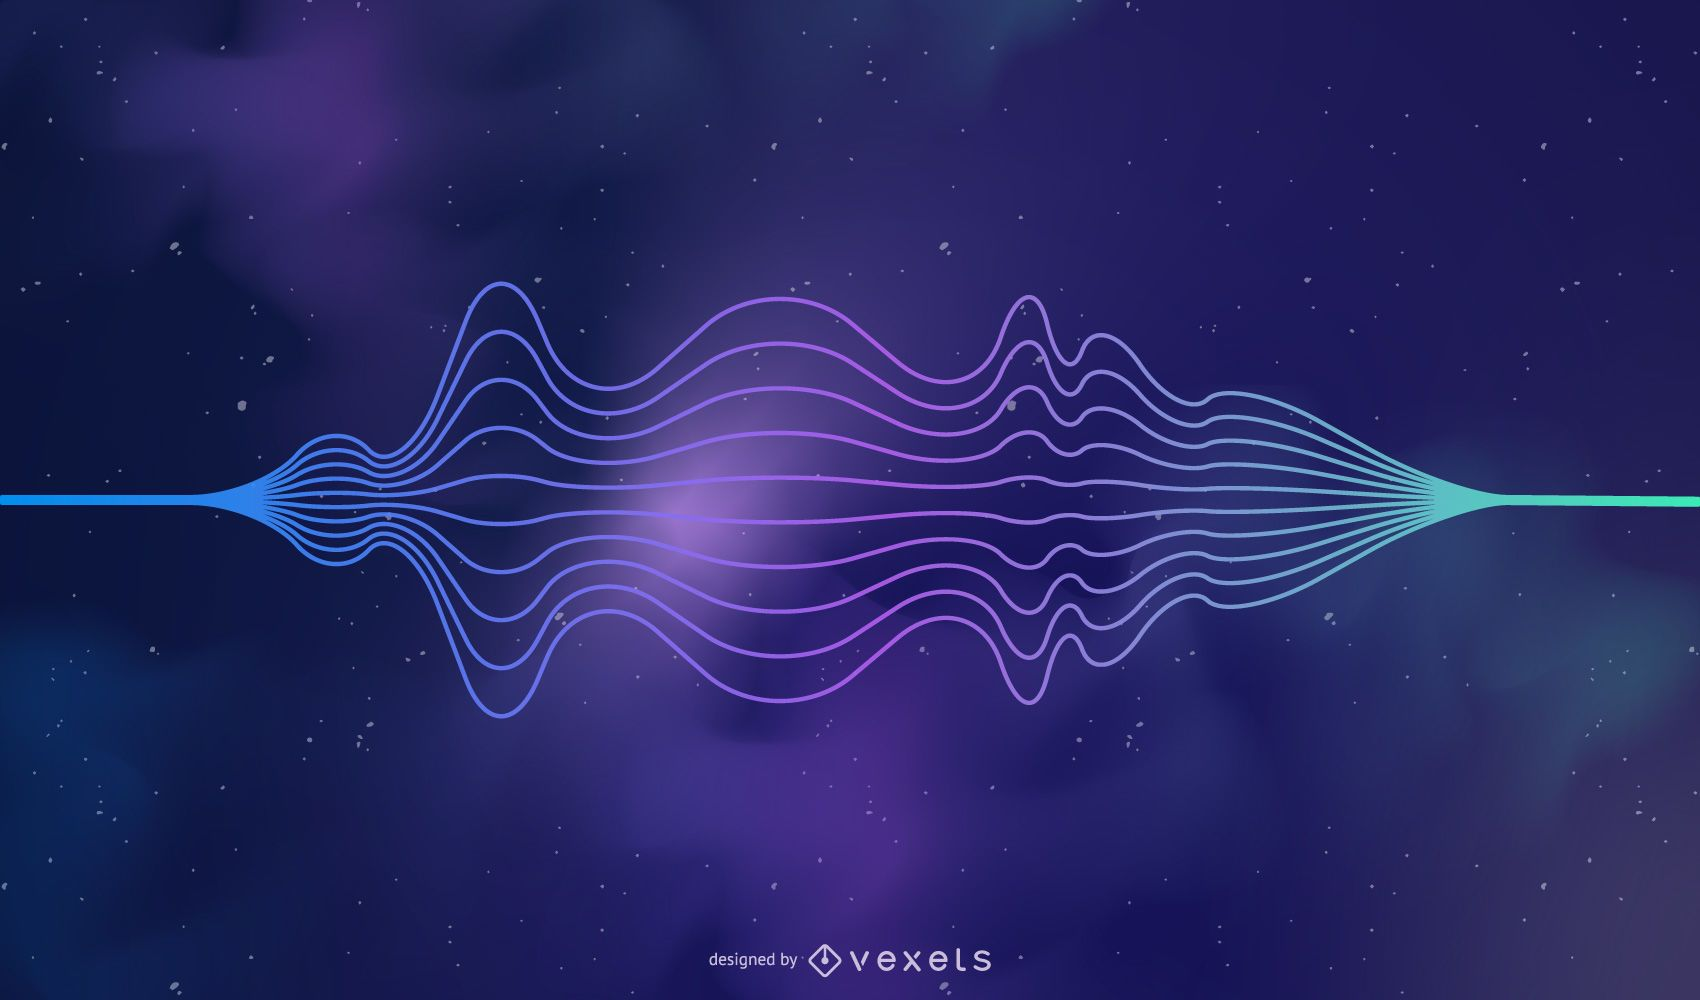 Fundo colorido abstrato da onda sonora do Cosmos estrelado